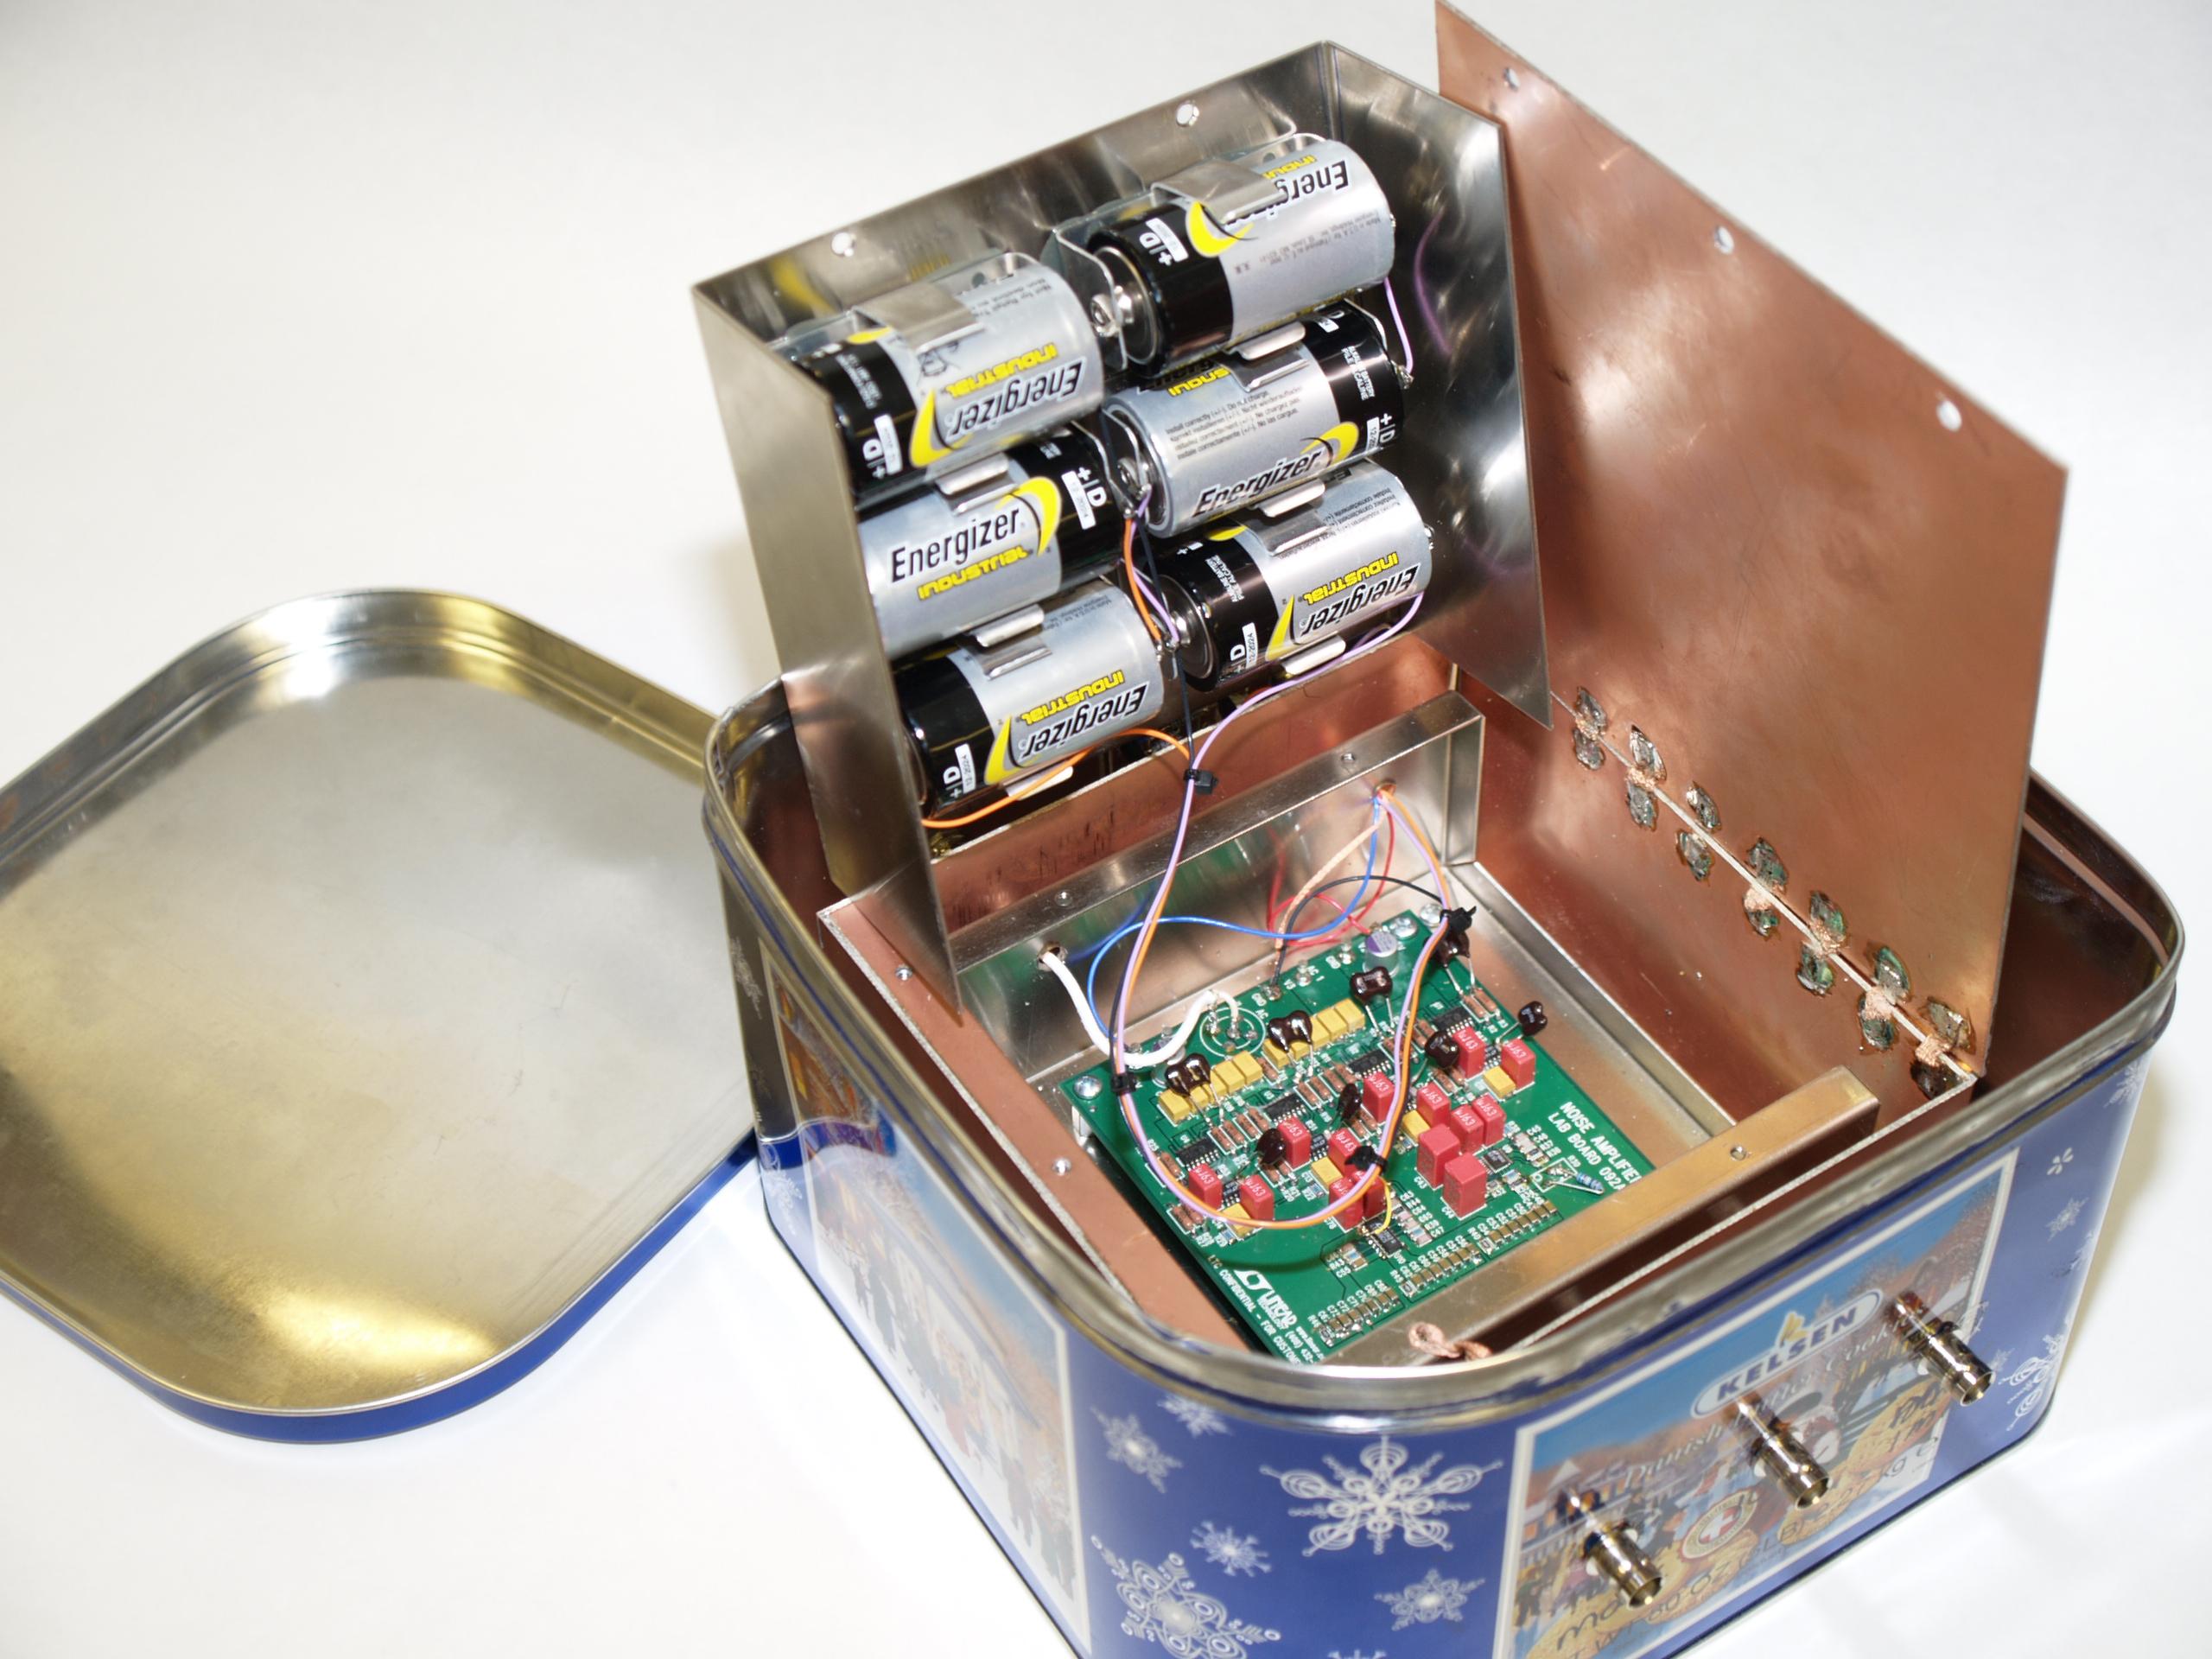 Figura 7. Costruzione del contenitore schermato mediante una scatola in mu-metal inserita in una scatola di rame a sua volta inserita in una scatola di acciaio per attenuare i campi.